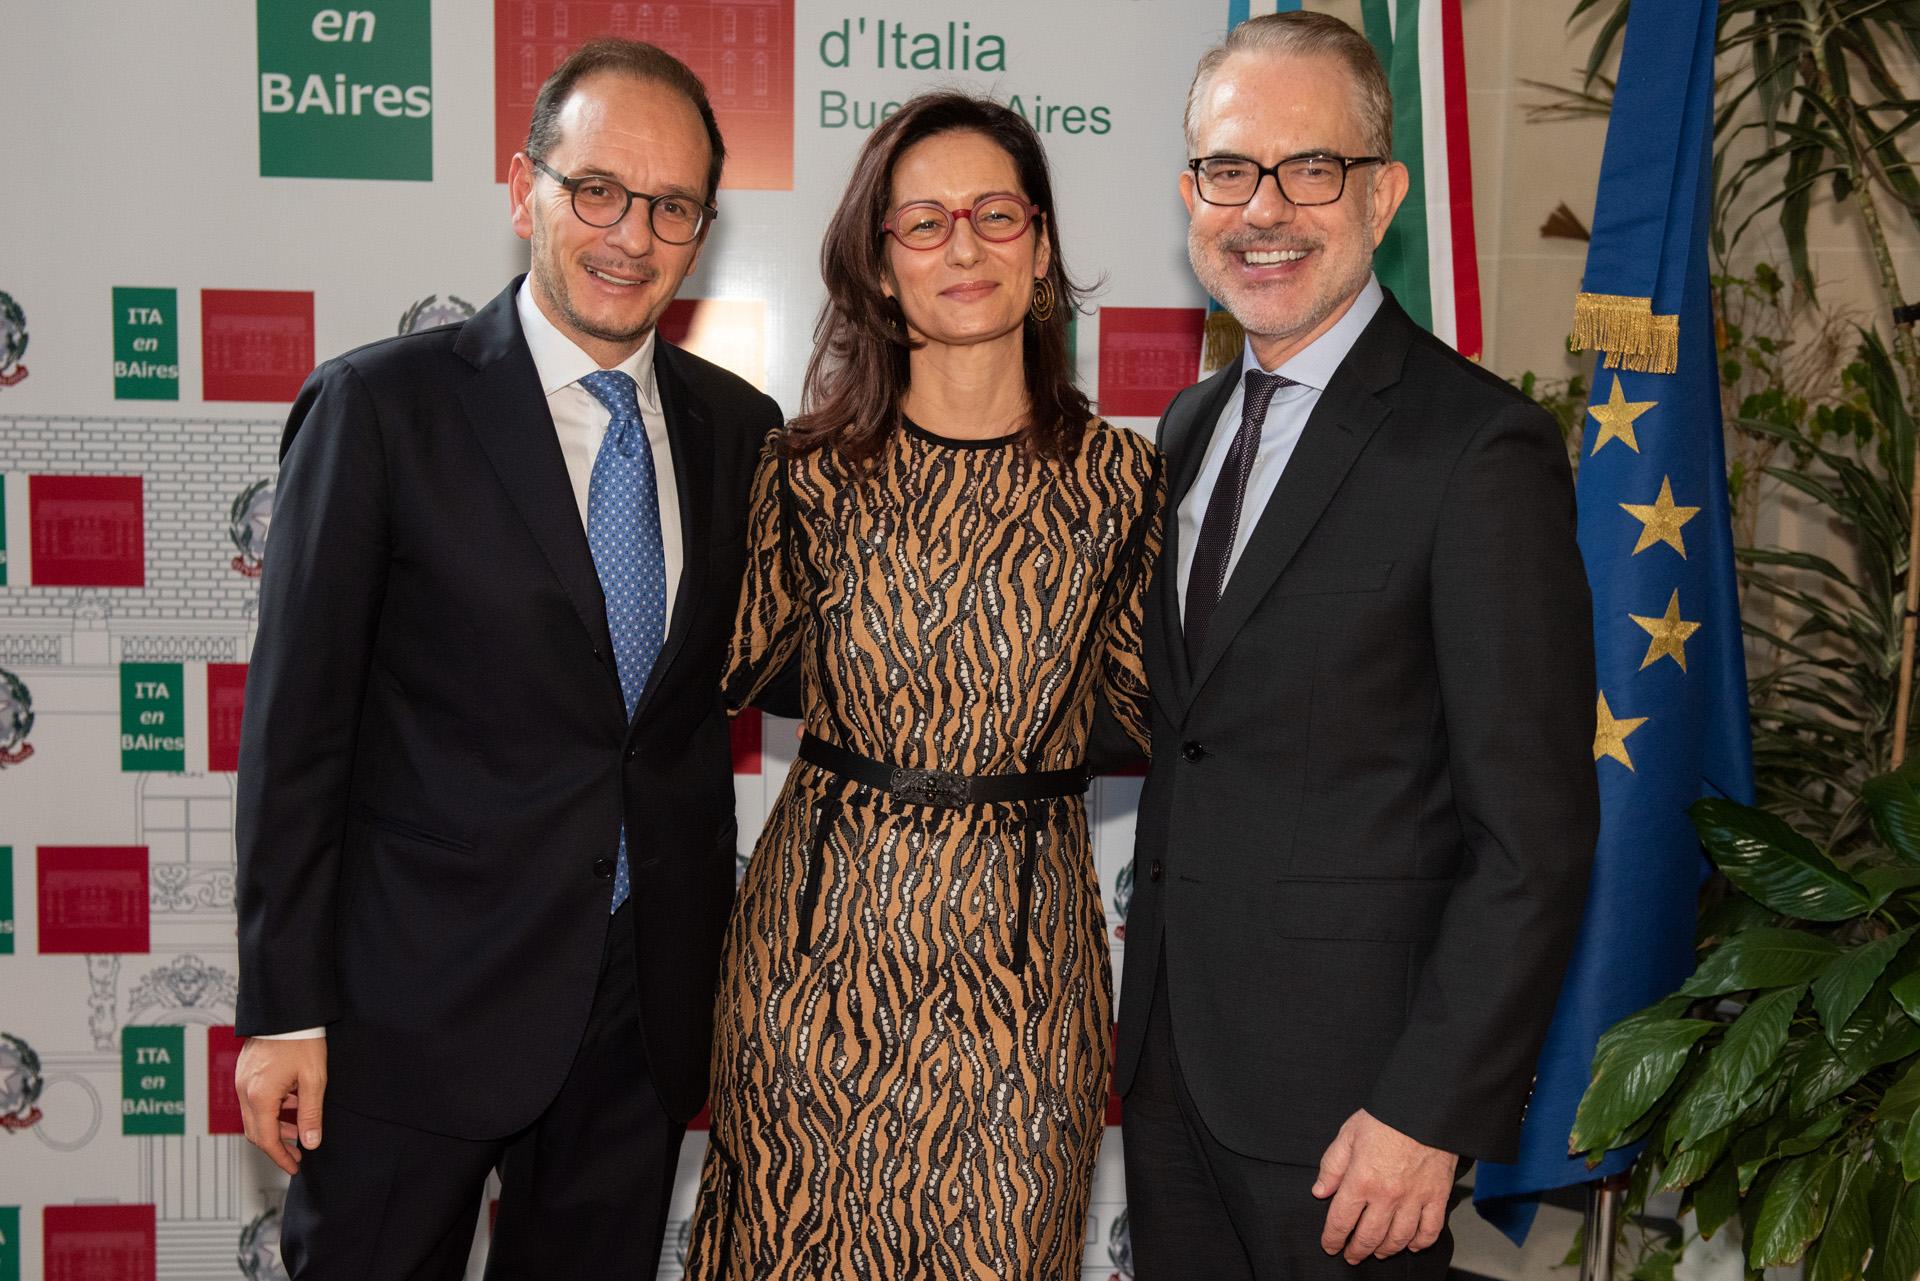 Los embajadores italianos reciben al embajador de Grecia en la Argentina, Dimitris Zevelakis